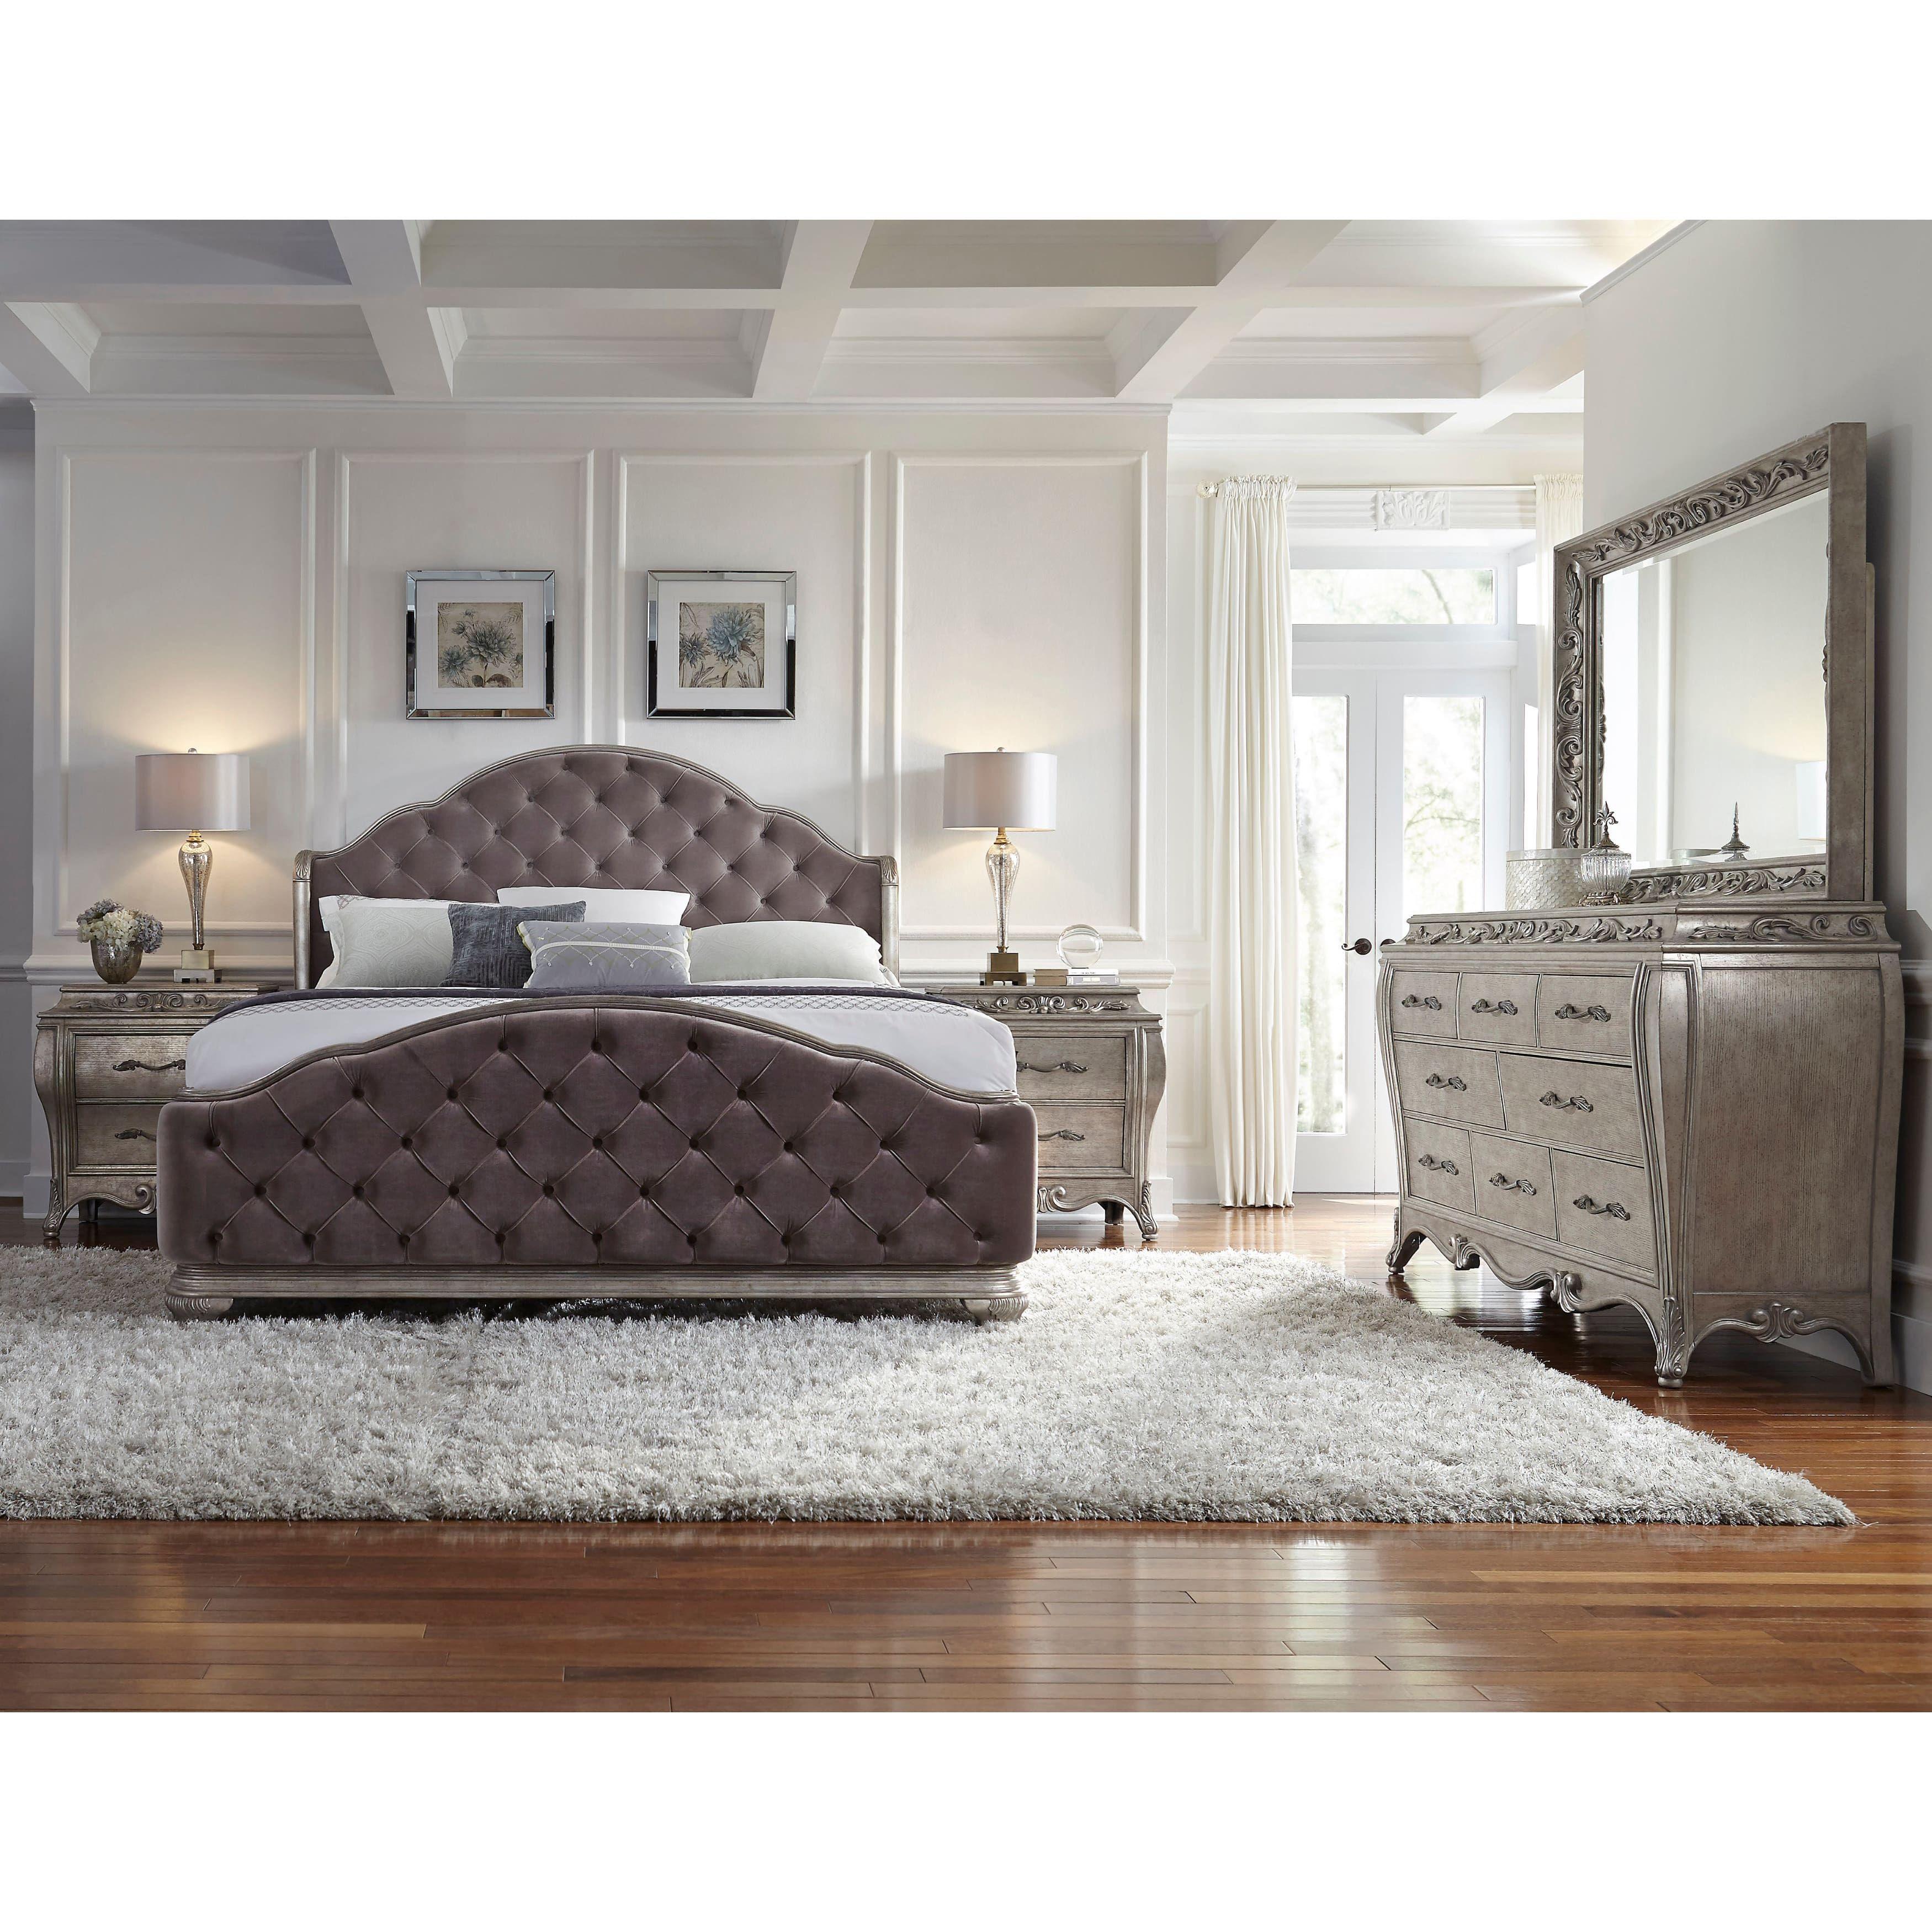 Anastasia King Size Bed Frame King Size Bedroom Sets Bedroom